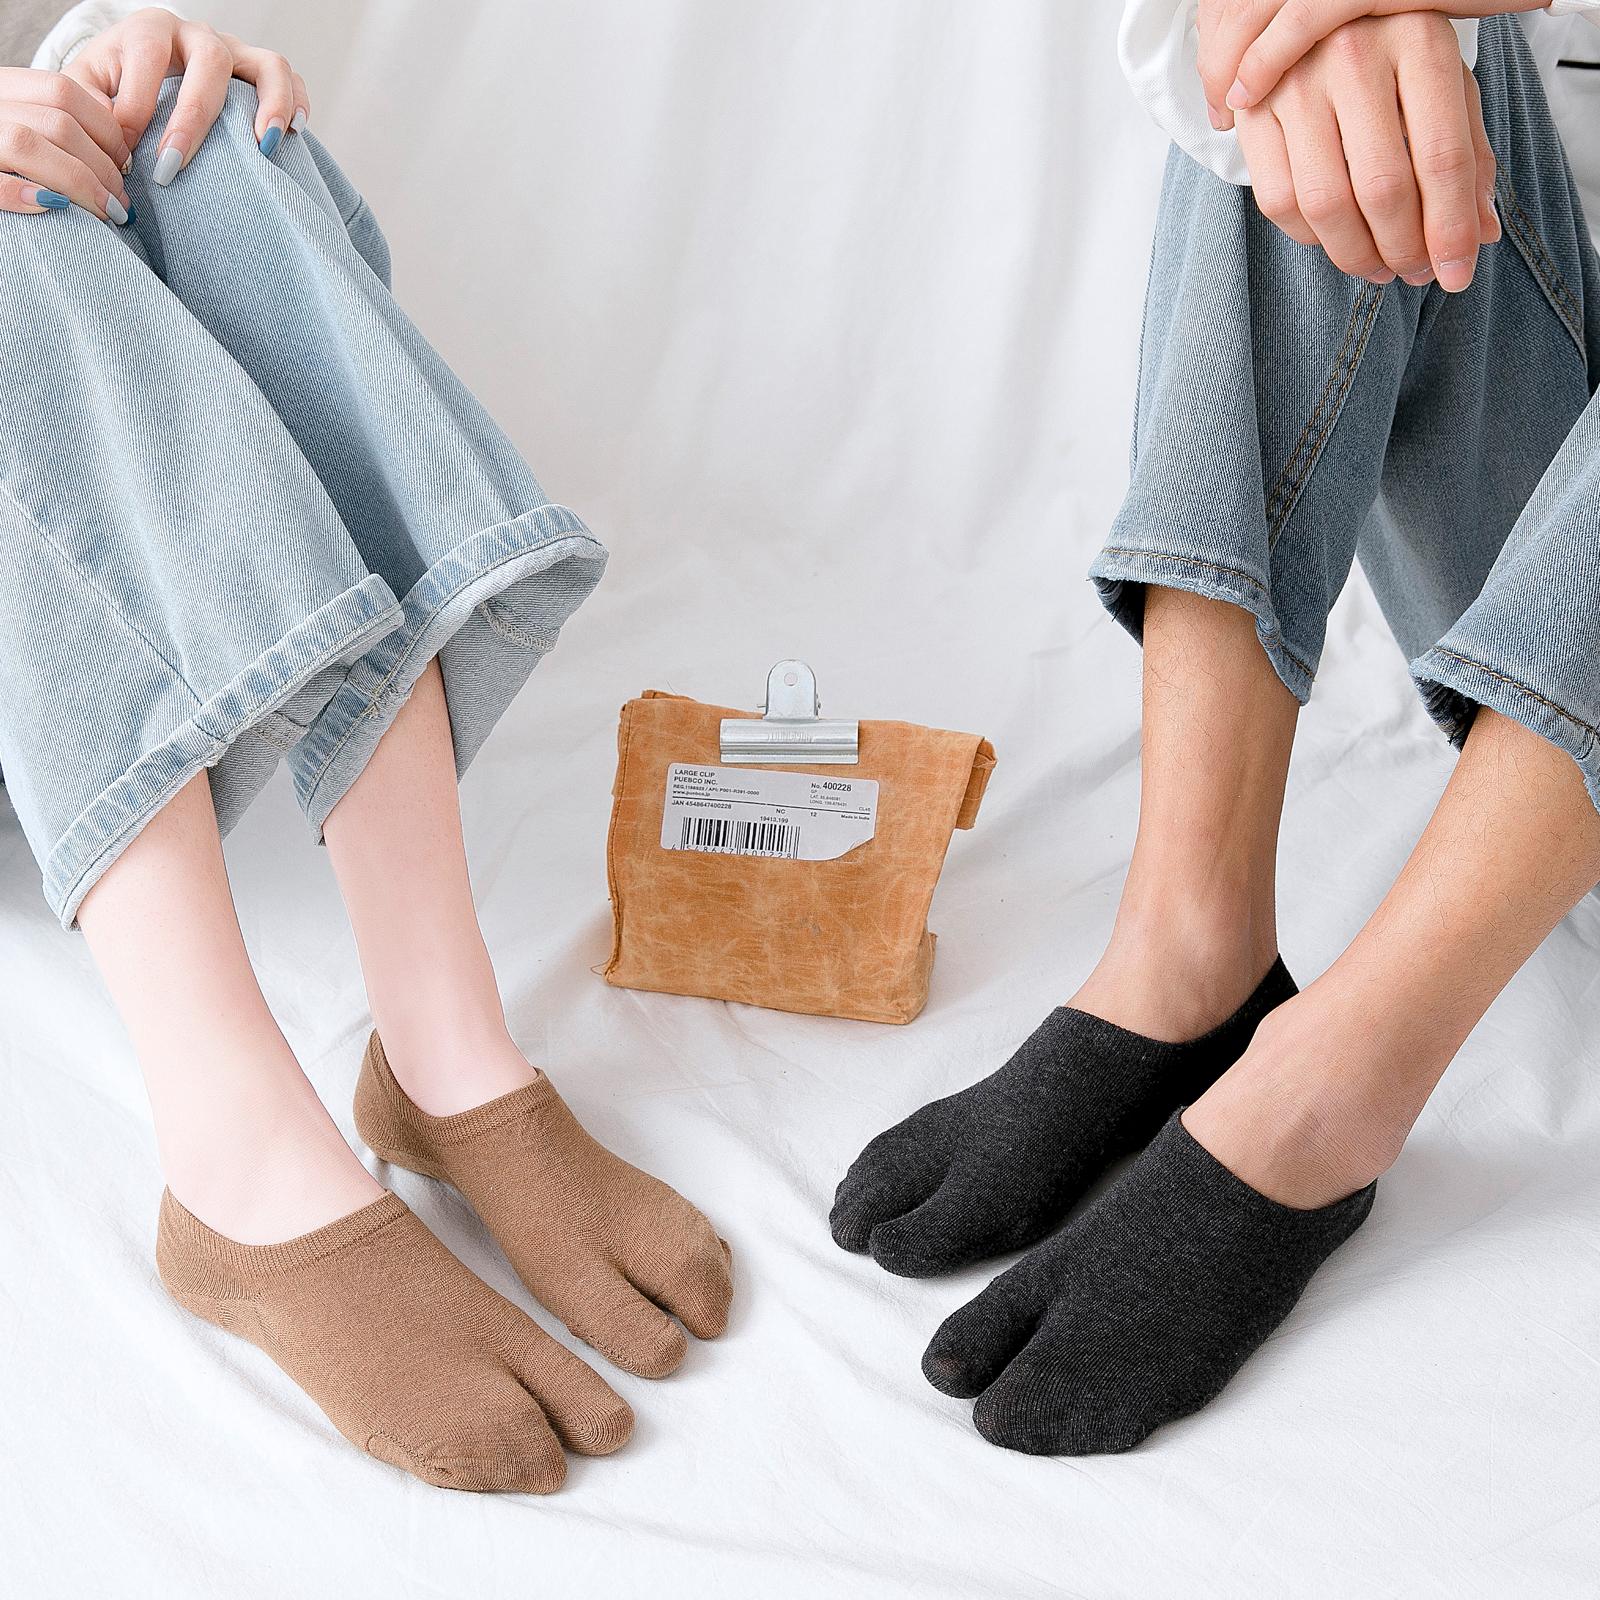 二指袜情侣袜子女短袜男纯棉浅口夏季薄款船袜韩国硅胶防滑分趾袜